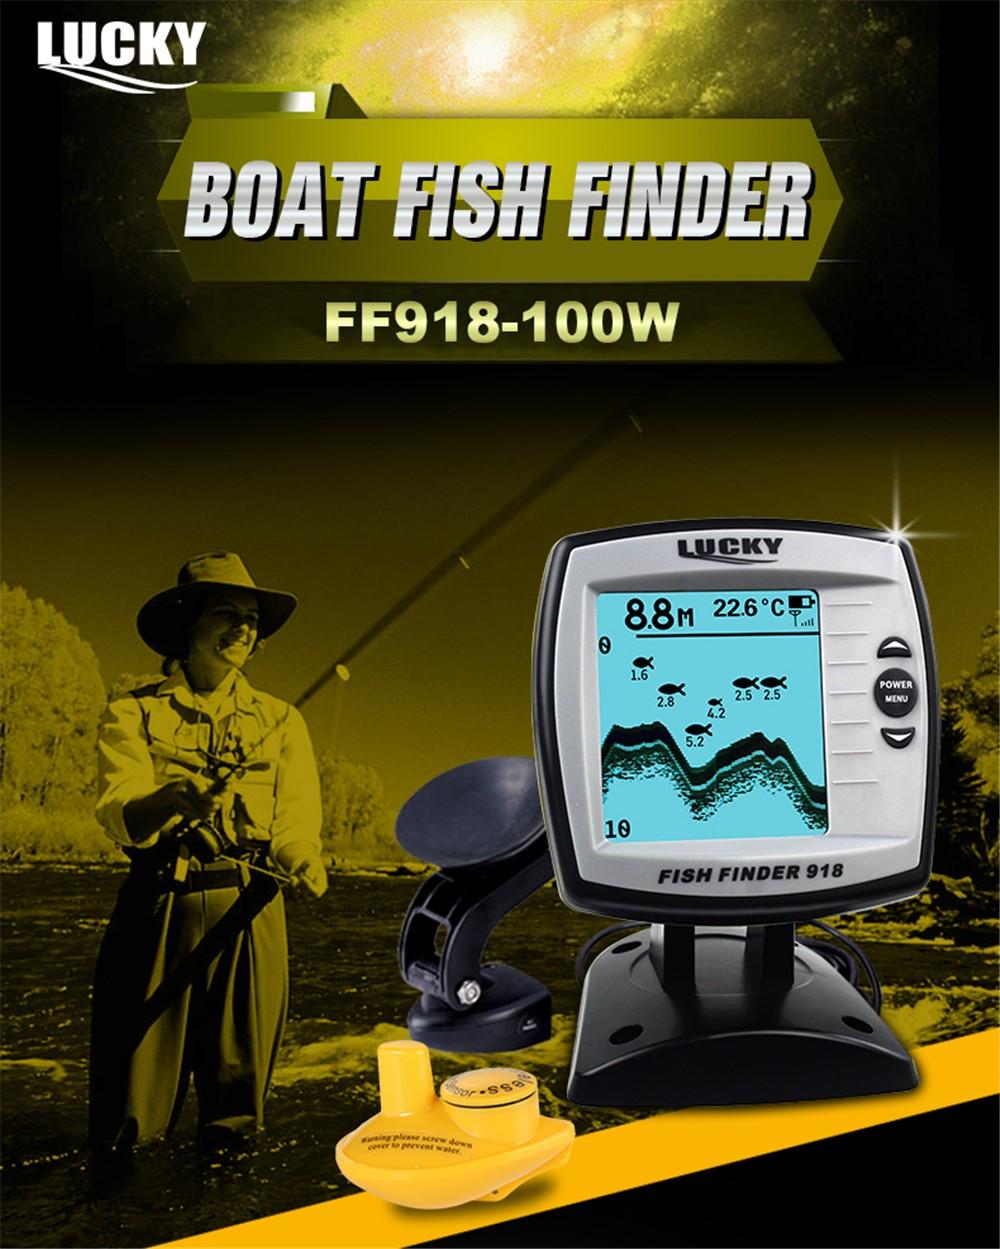 FF918-100W fish finder_01